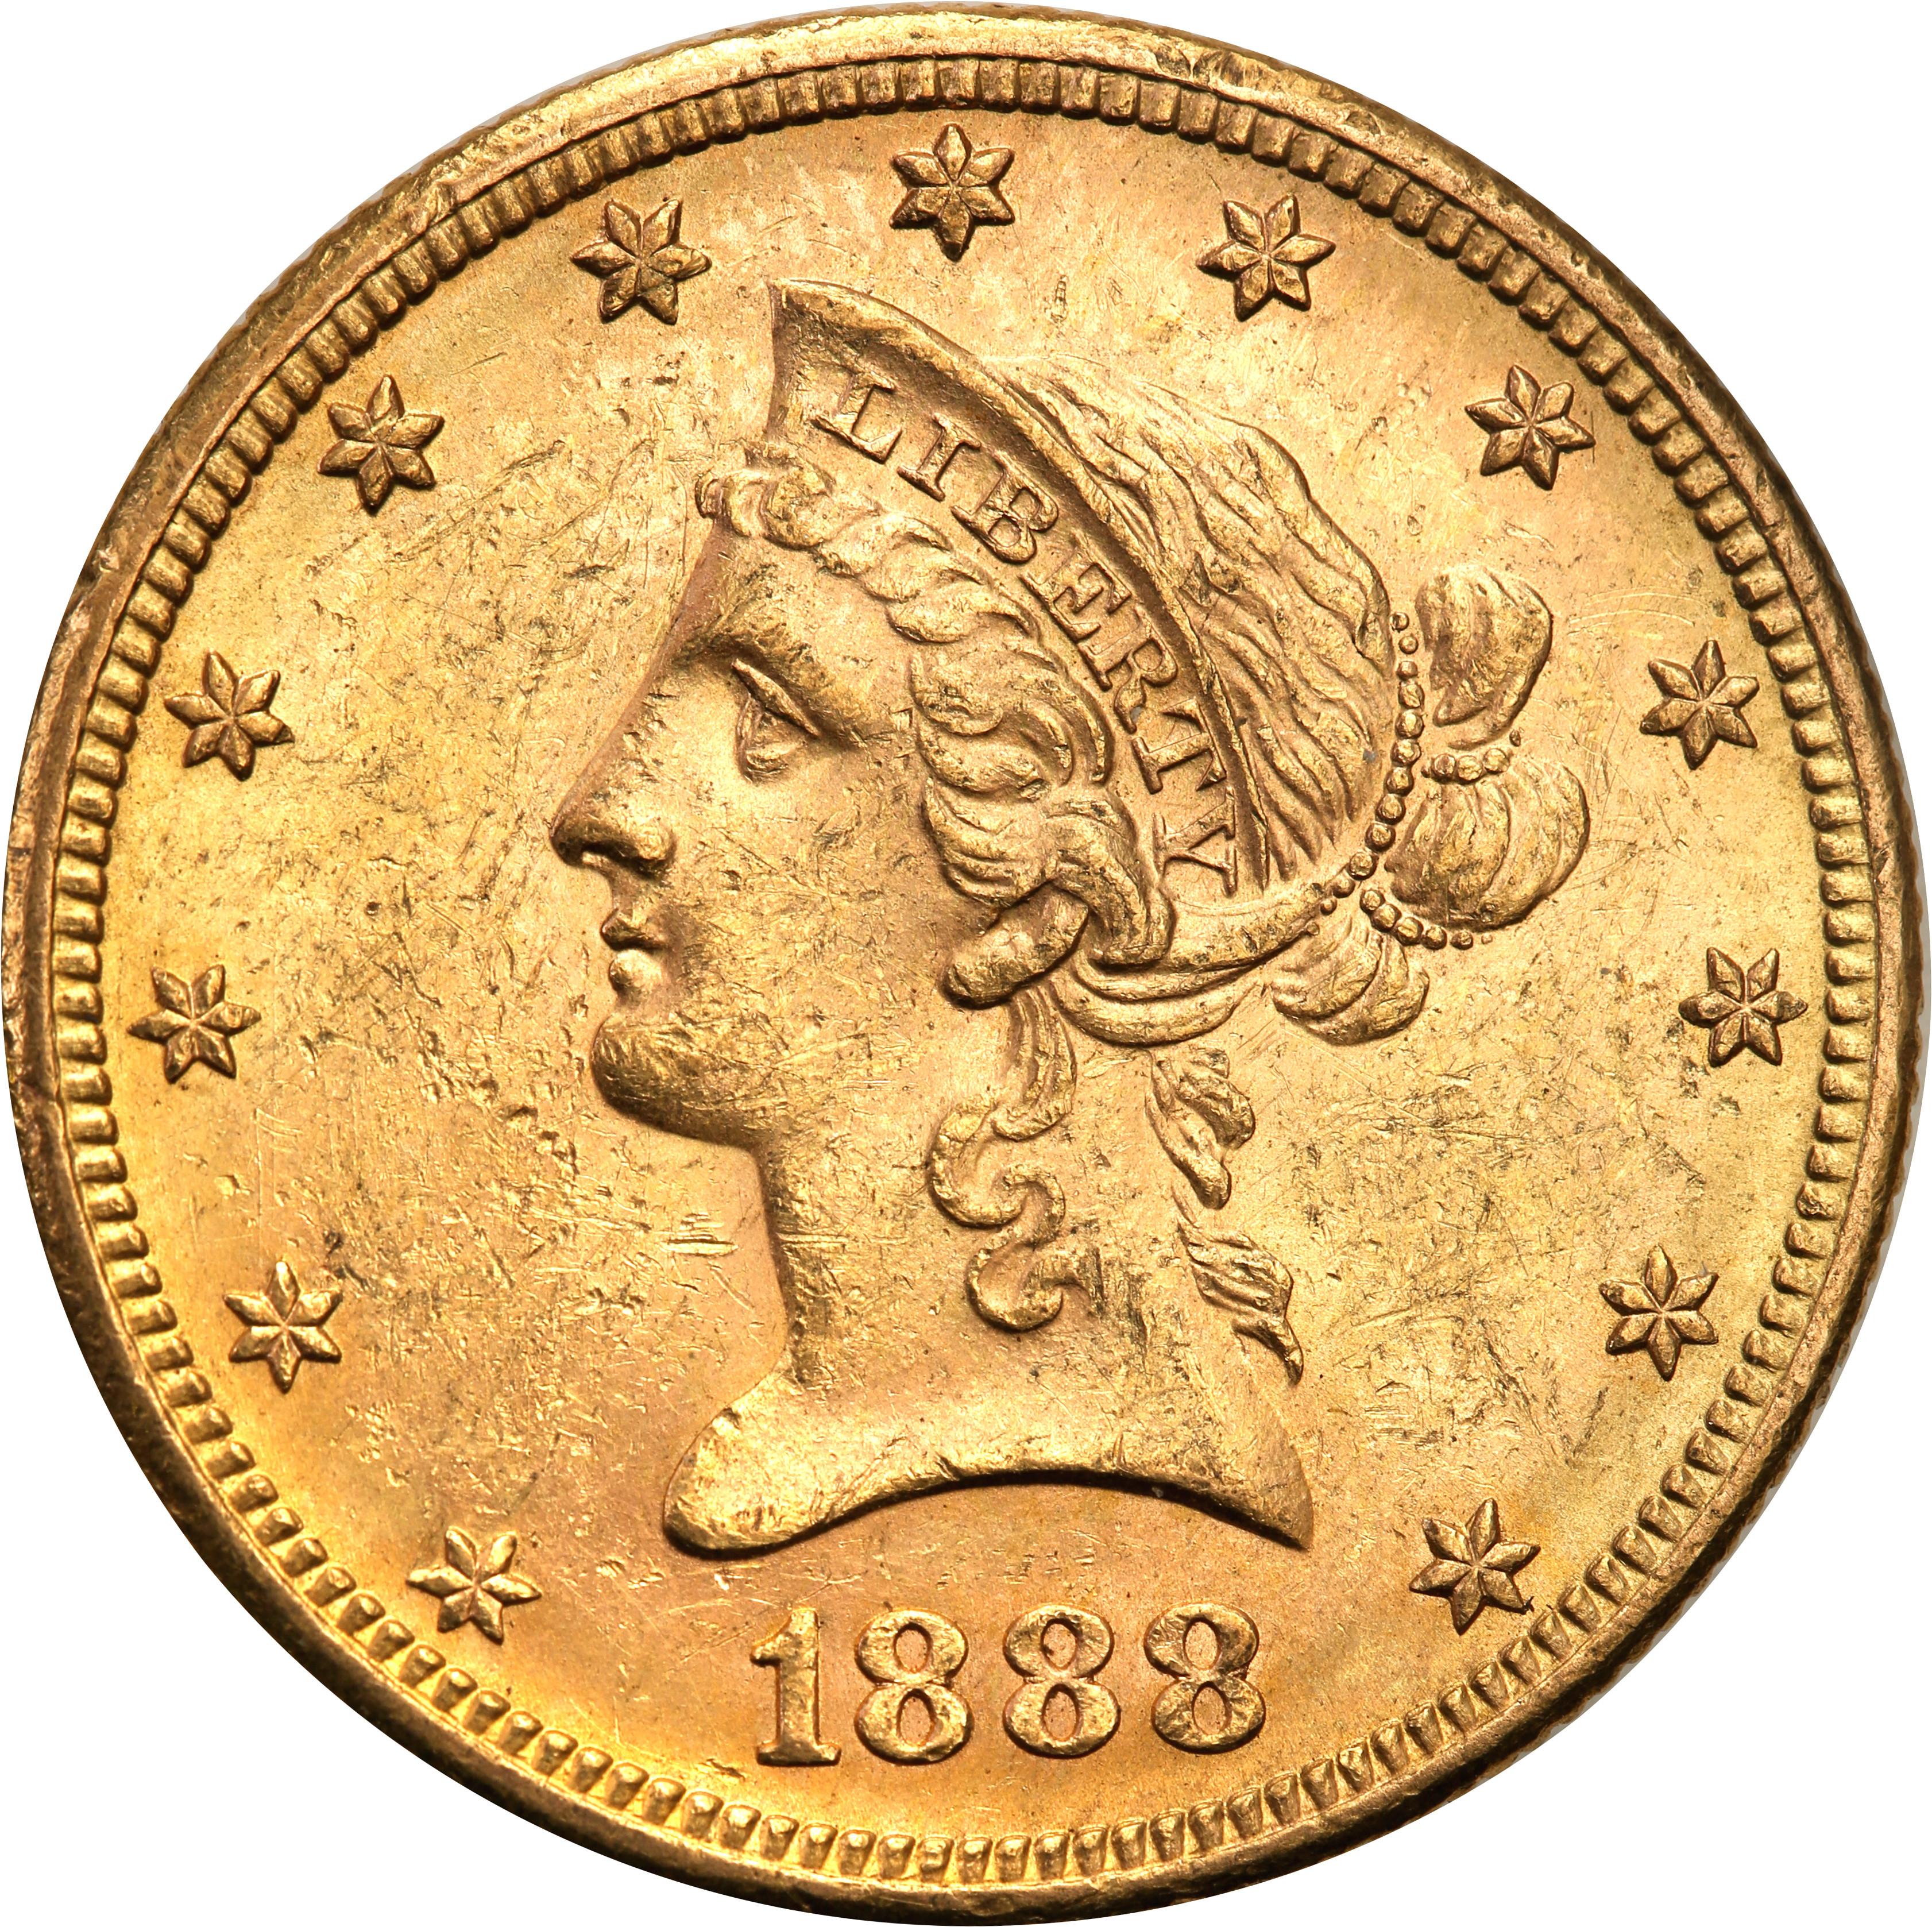 USA. 10 $ dolarów Liberty 1888 S – San Francisco st.1-